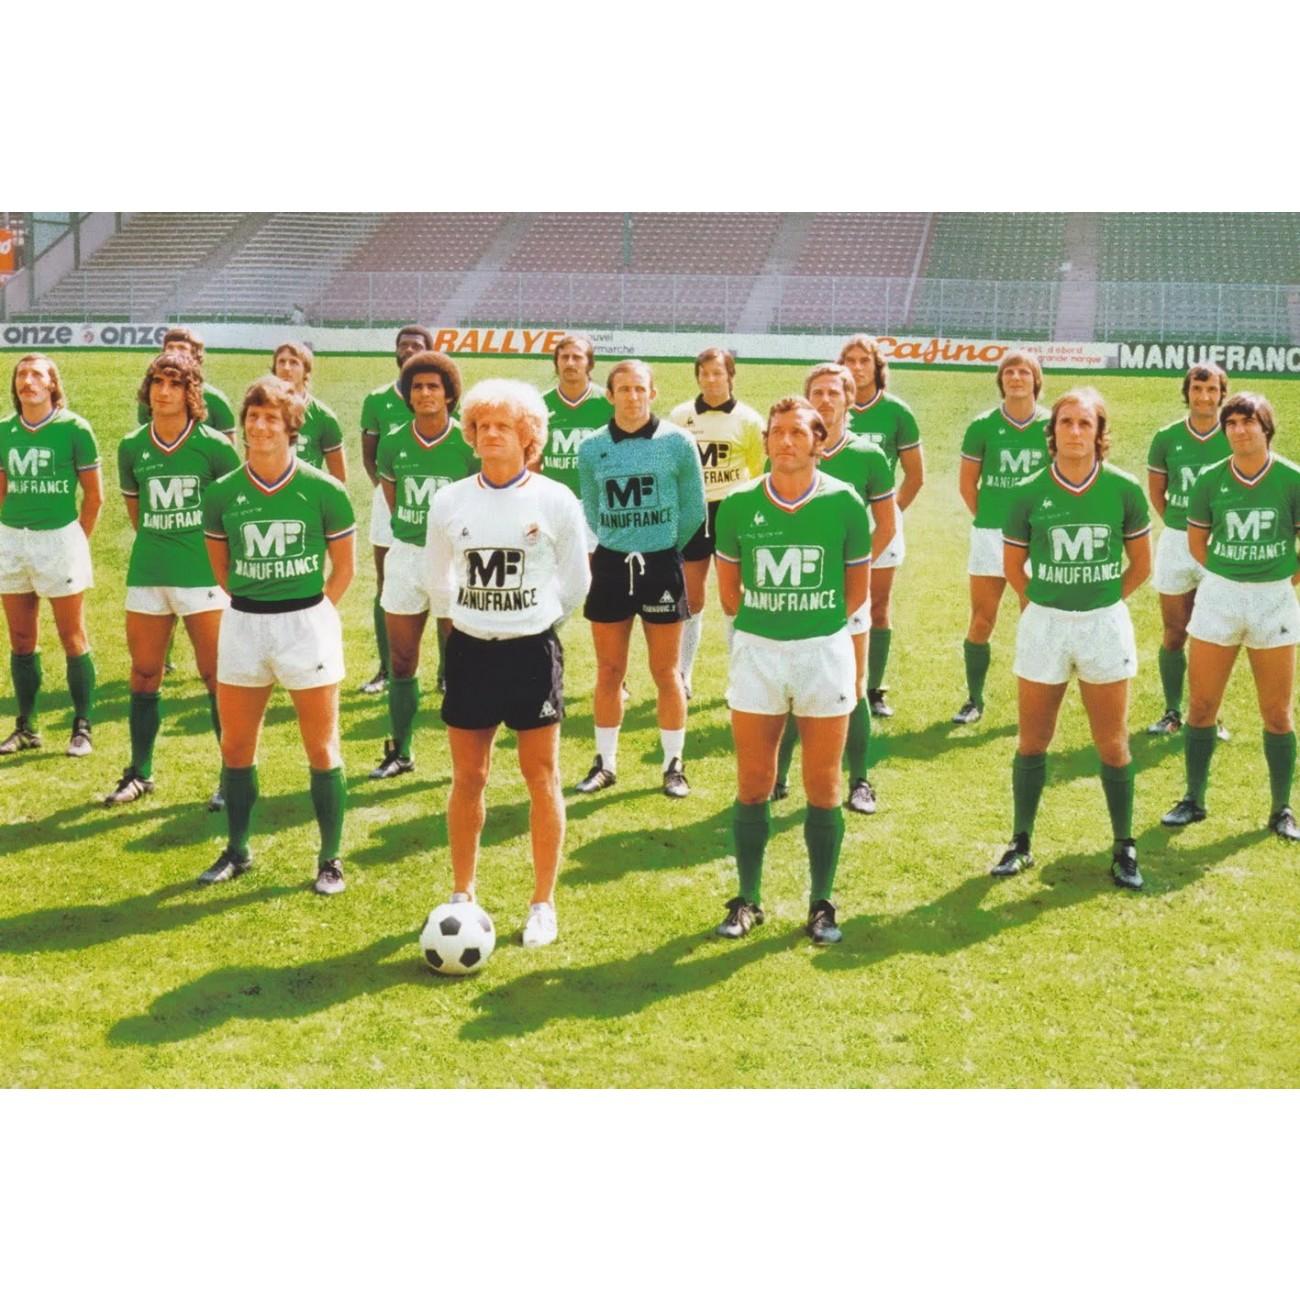 Maillot de foot r tro saint tienne 1975 1976 coupe d 39 europe - St etienne coupe d europe ...